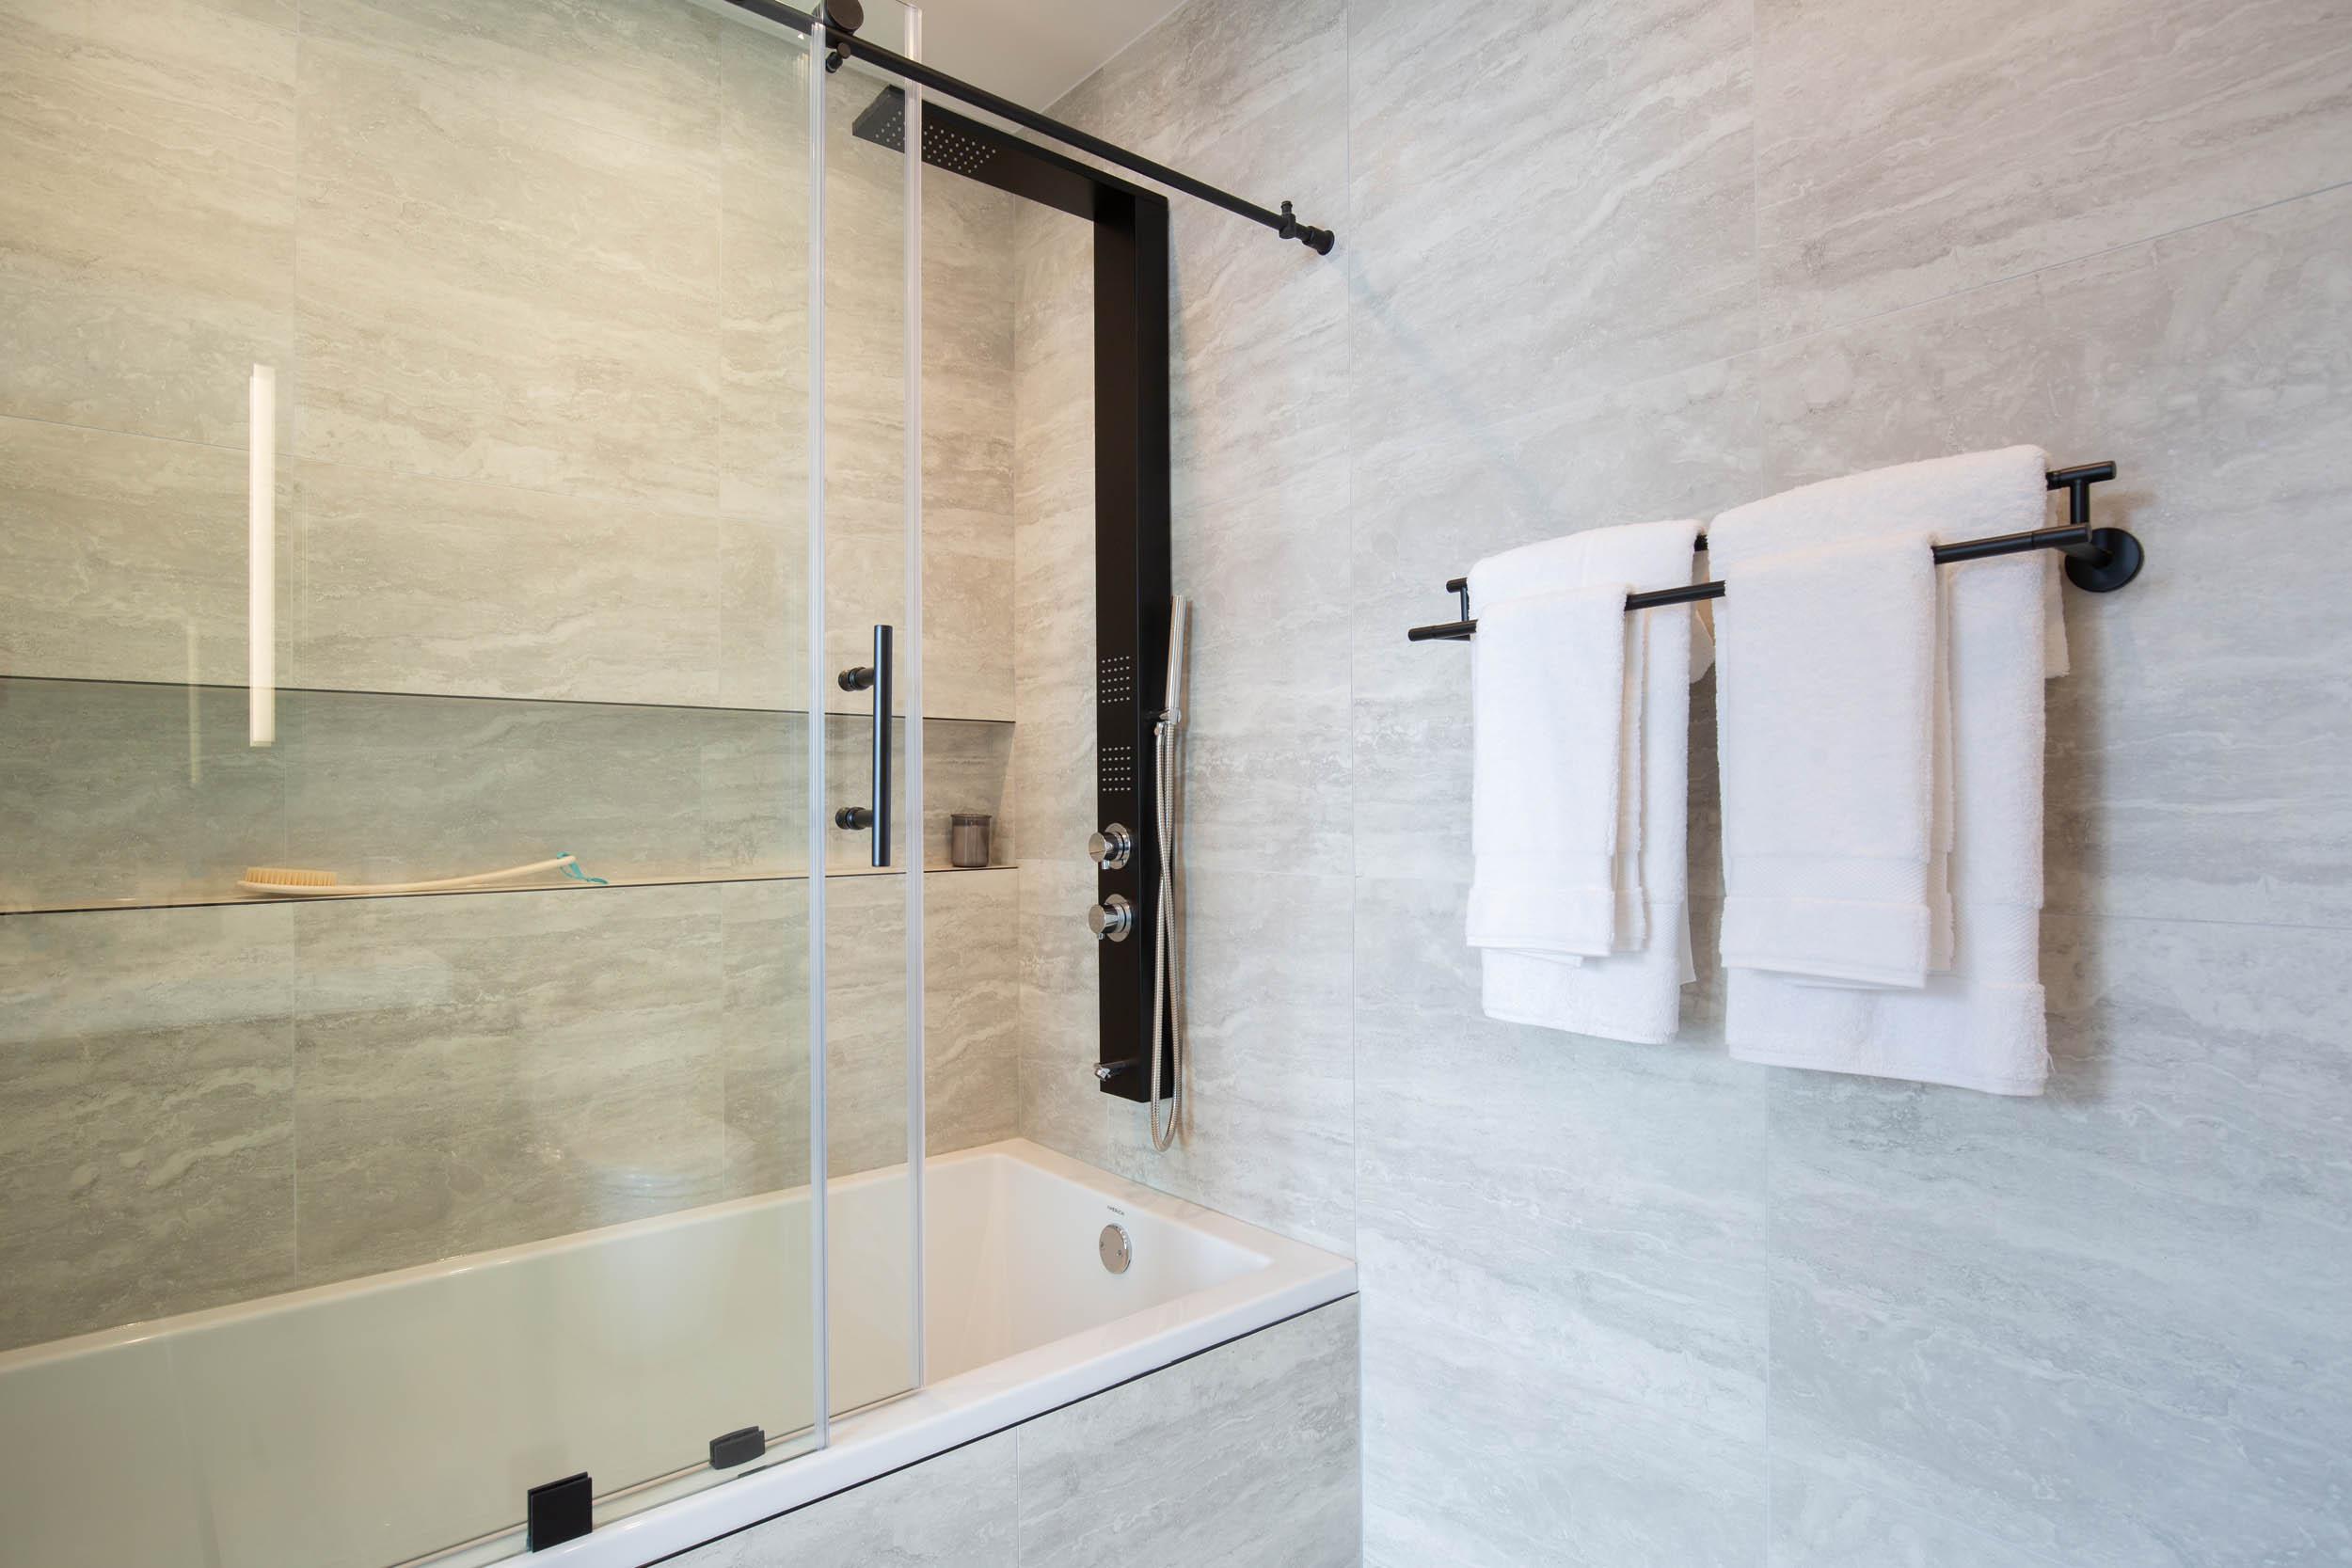 3BR A Bathroom Modern